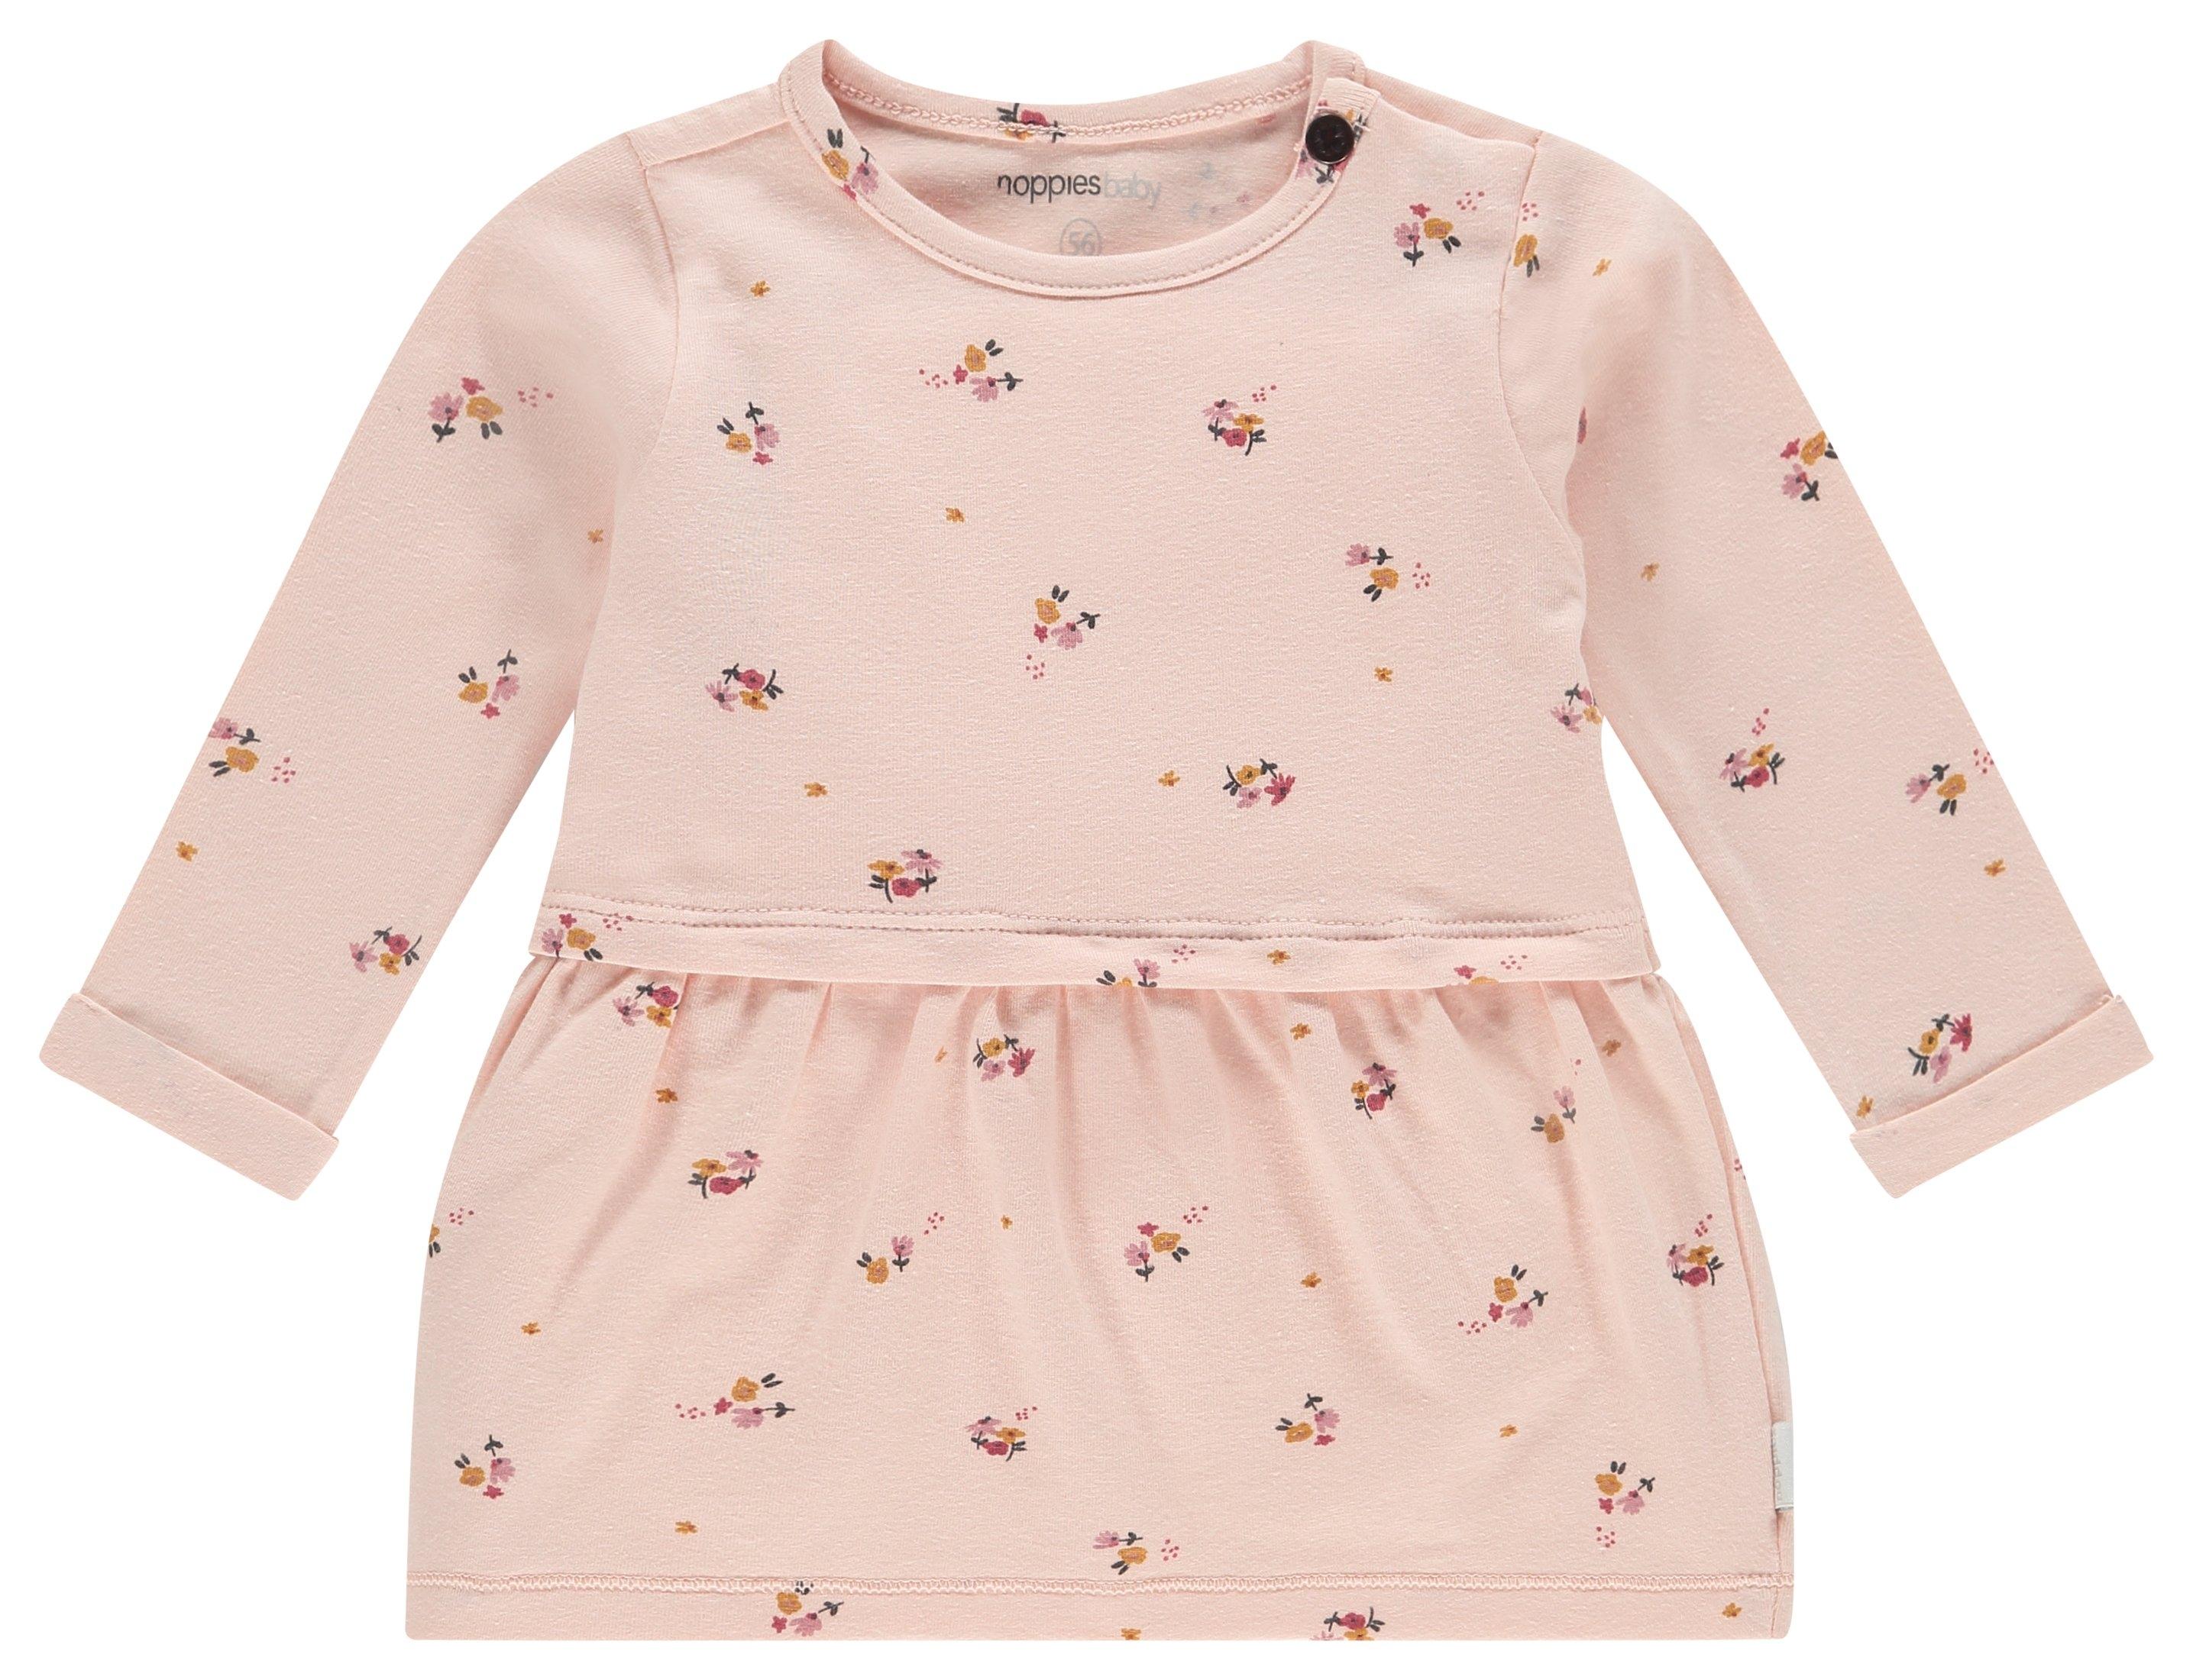 Noppies jurk »Canon City« bij OTTO online kopen